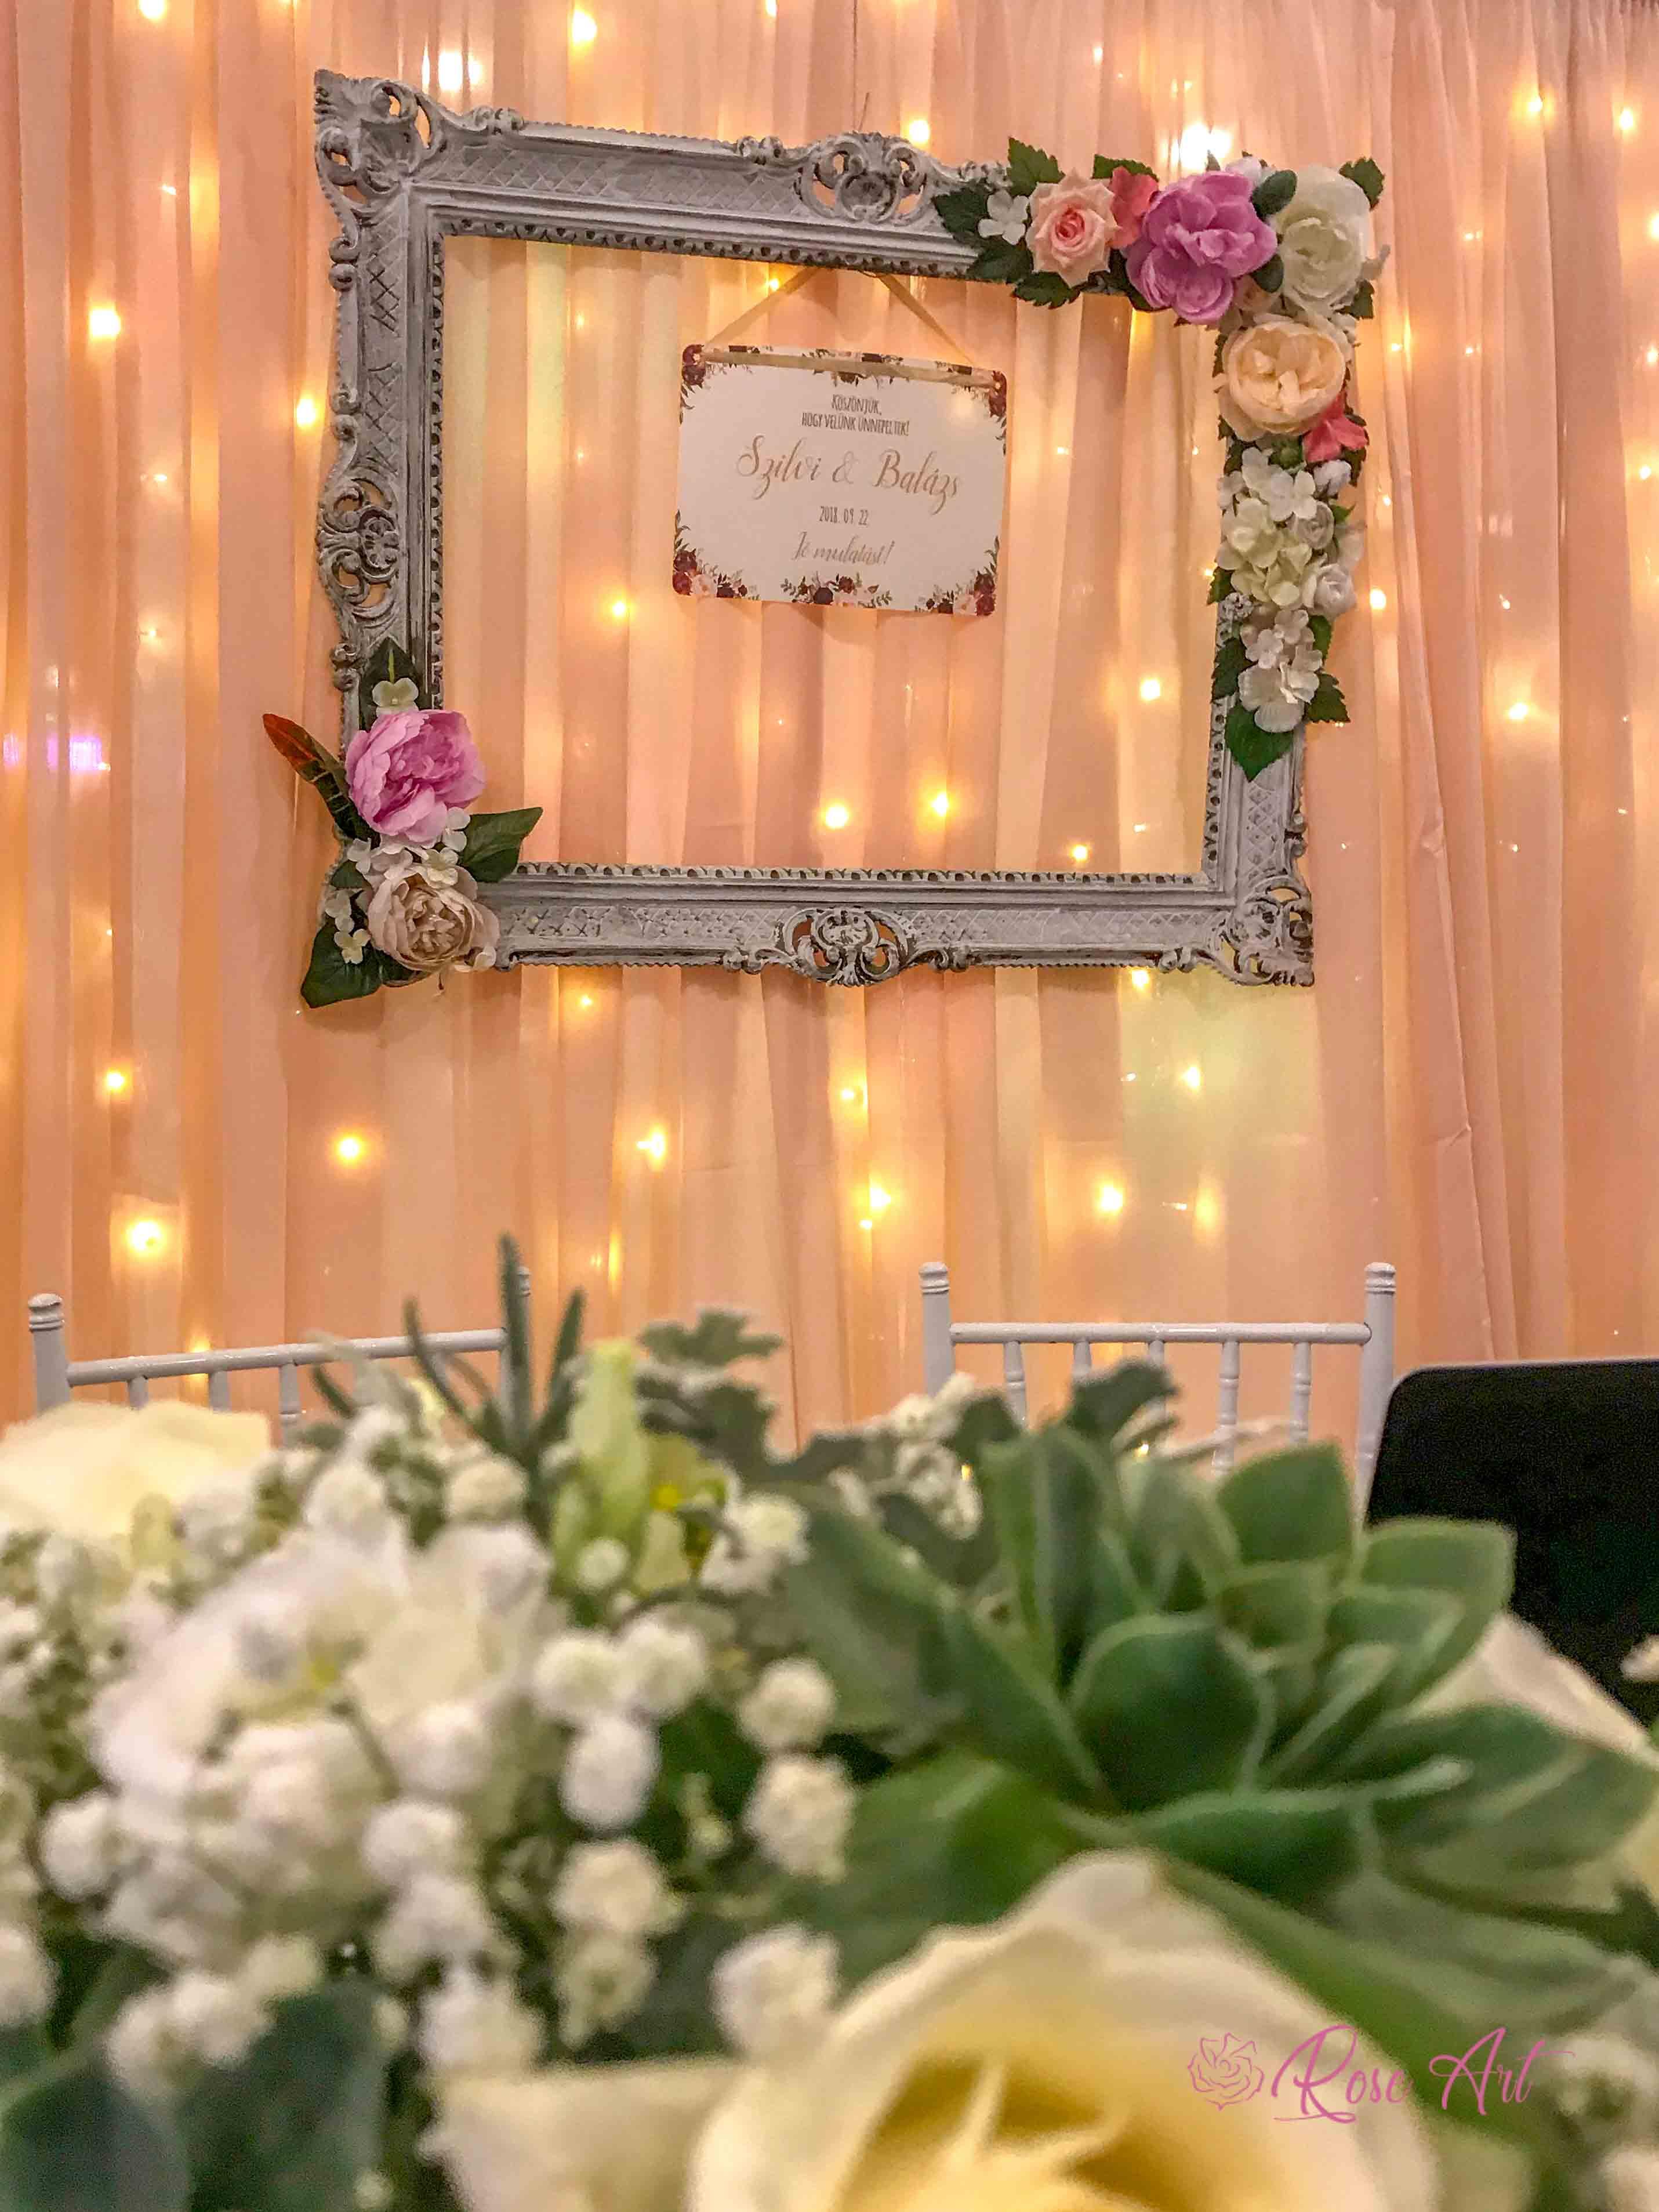 RoseArt Esküvői Kellékek Képkeret Főasztal Dekoráció Virág